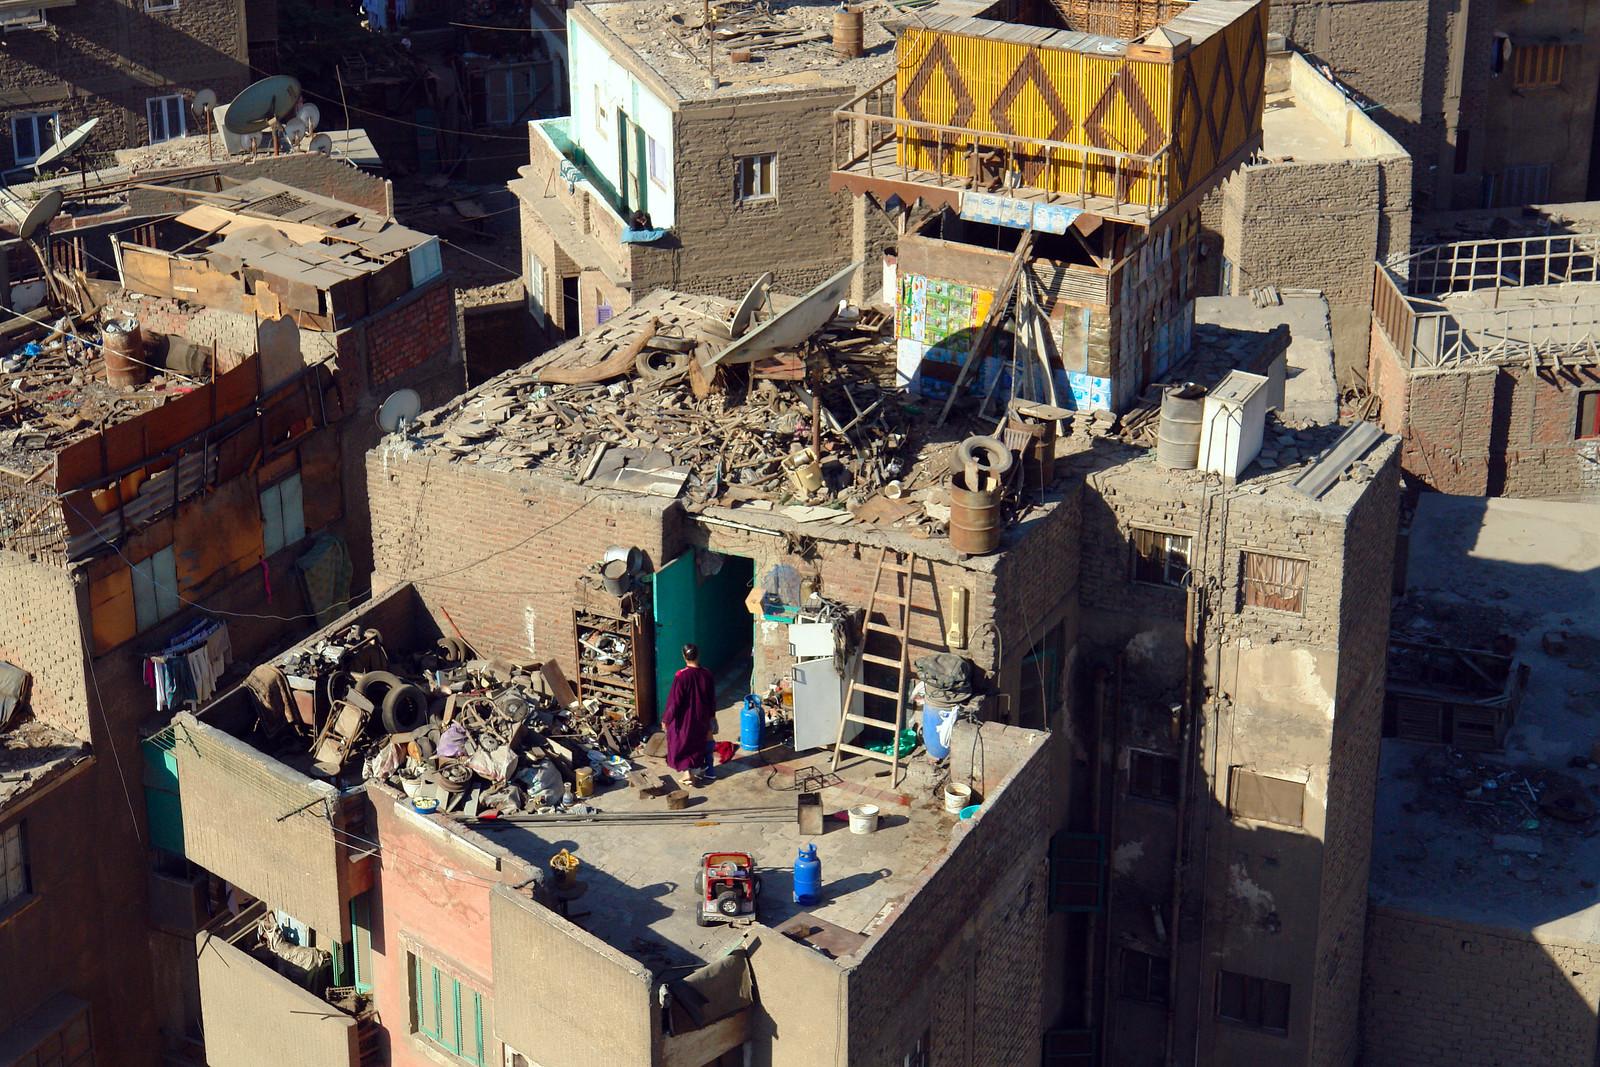 Qué ver en El Cairo, Egipto lugares que visitar en el cairo - 40100575285 edbcd86aaa h - 10+1 lugares que visitar en El Cairo